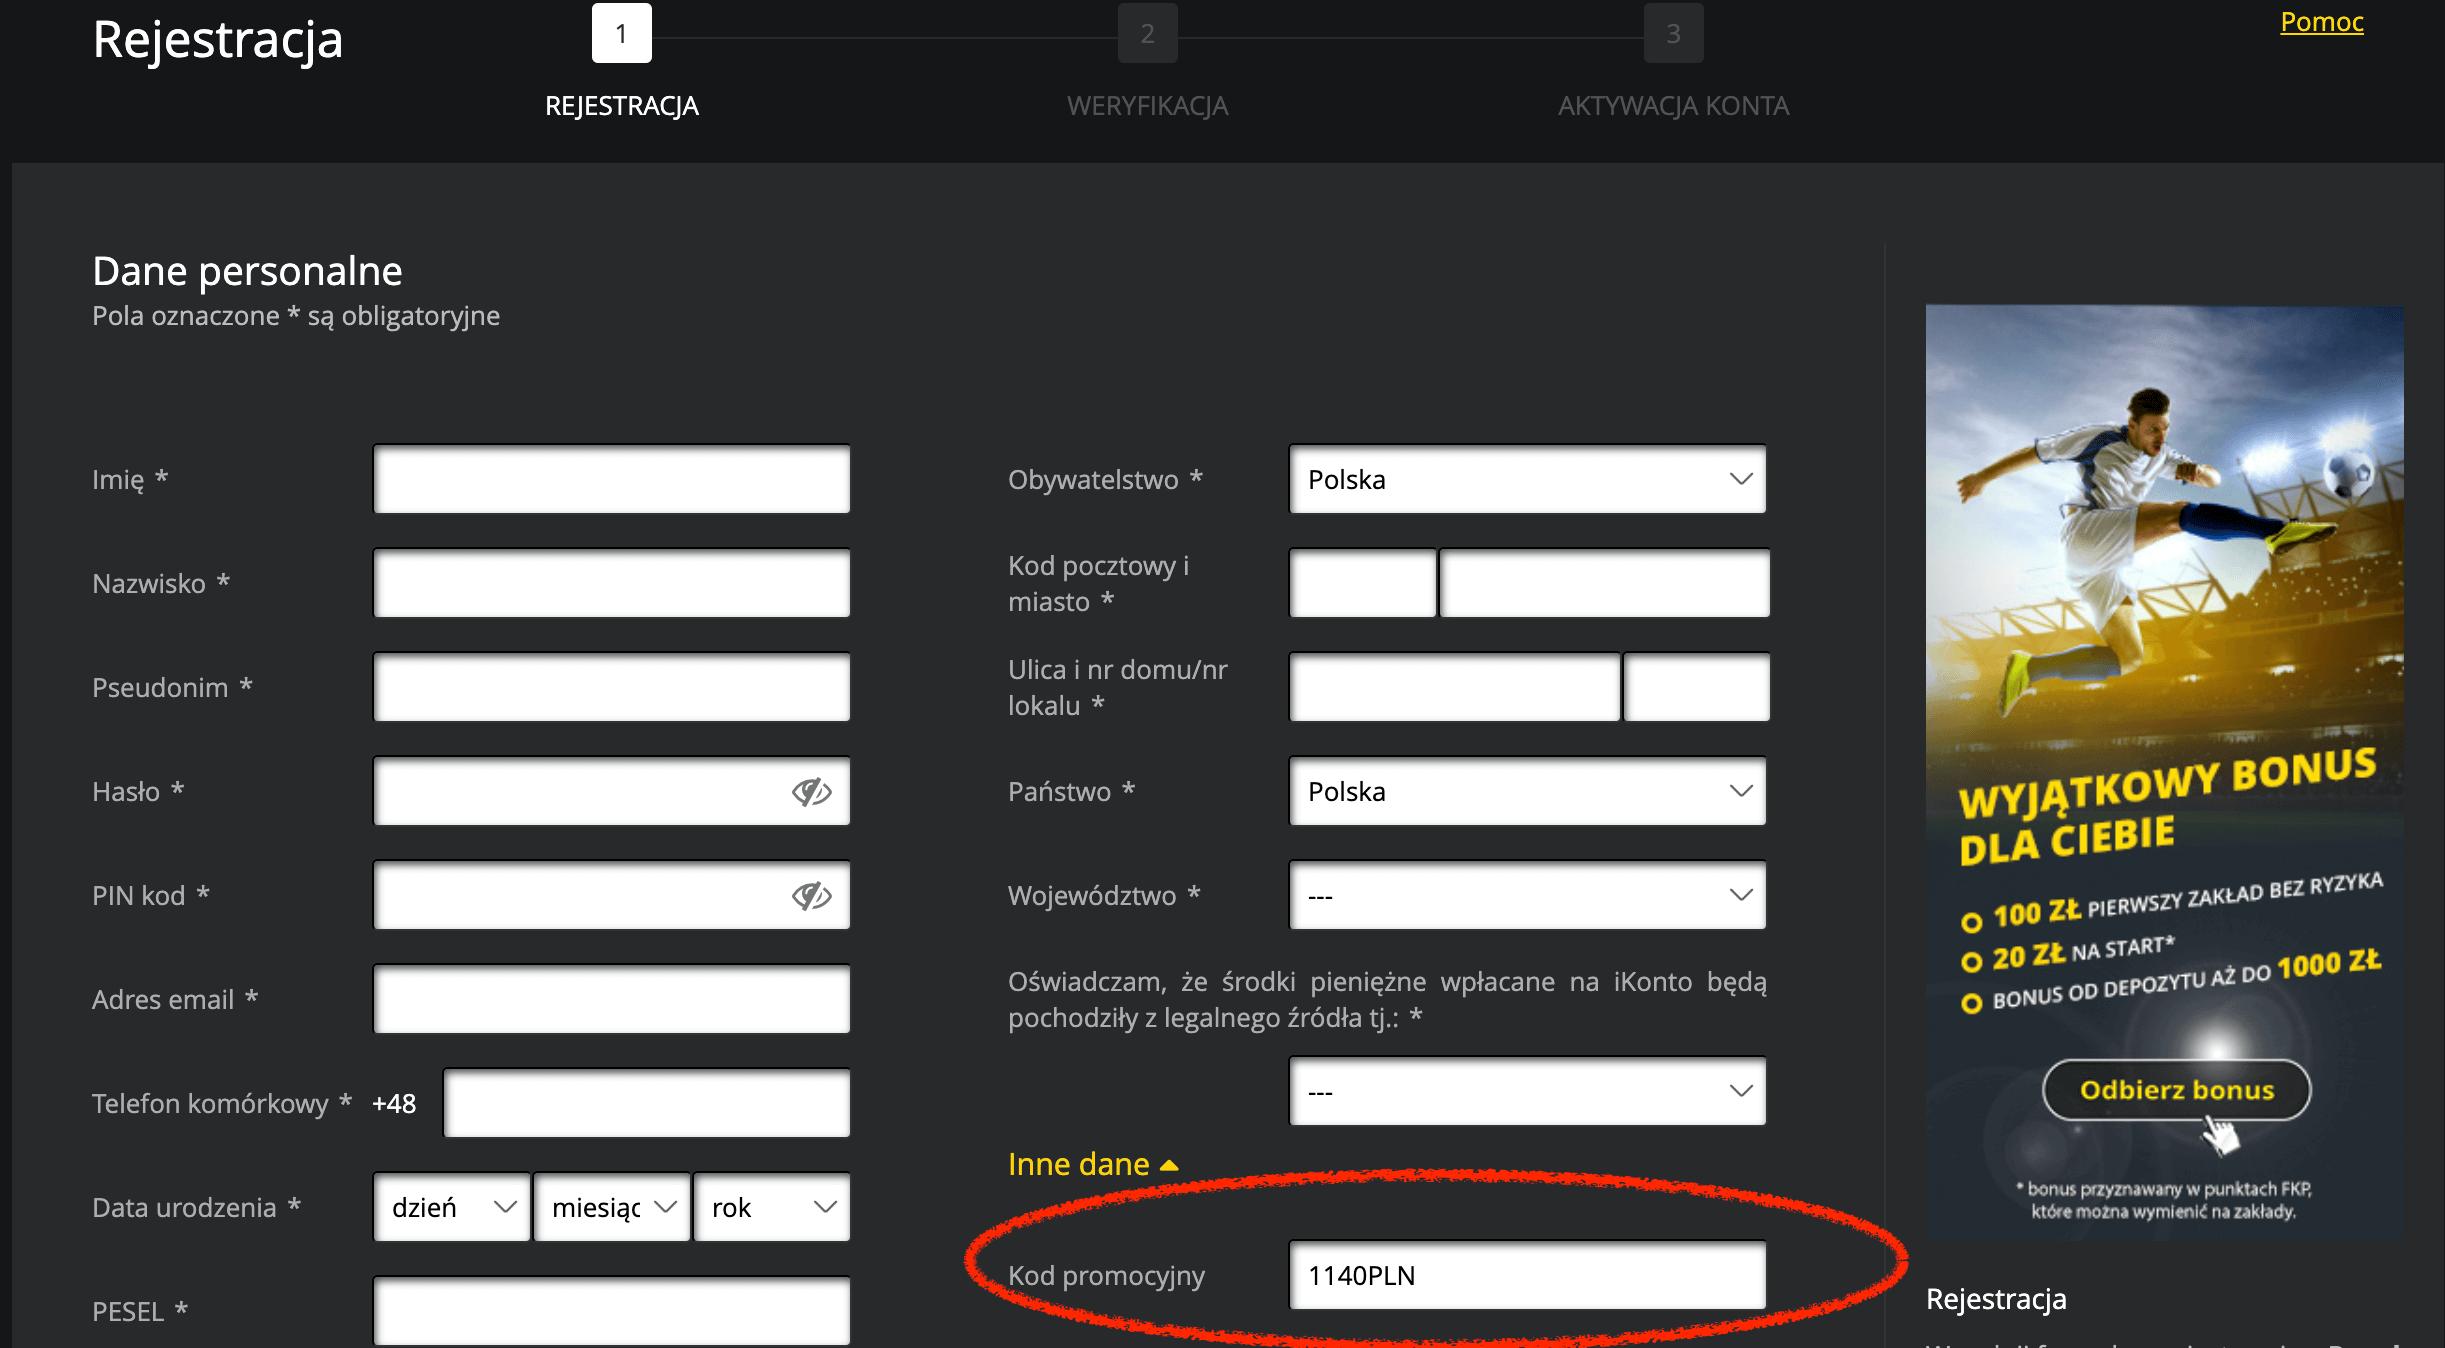 gdzie wpisać kod promocyjny fortuna